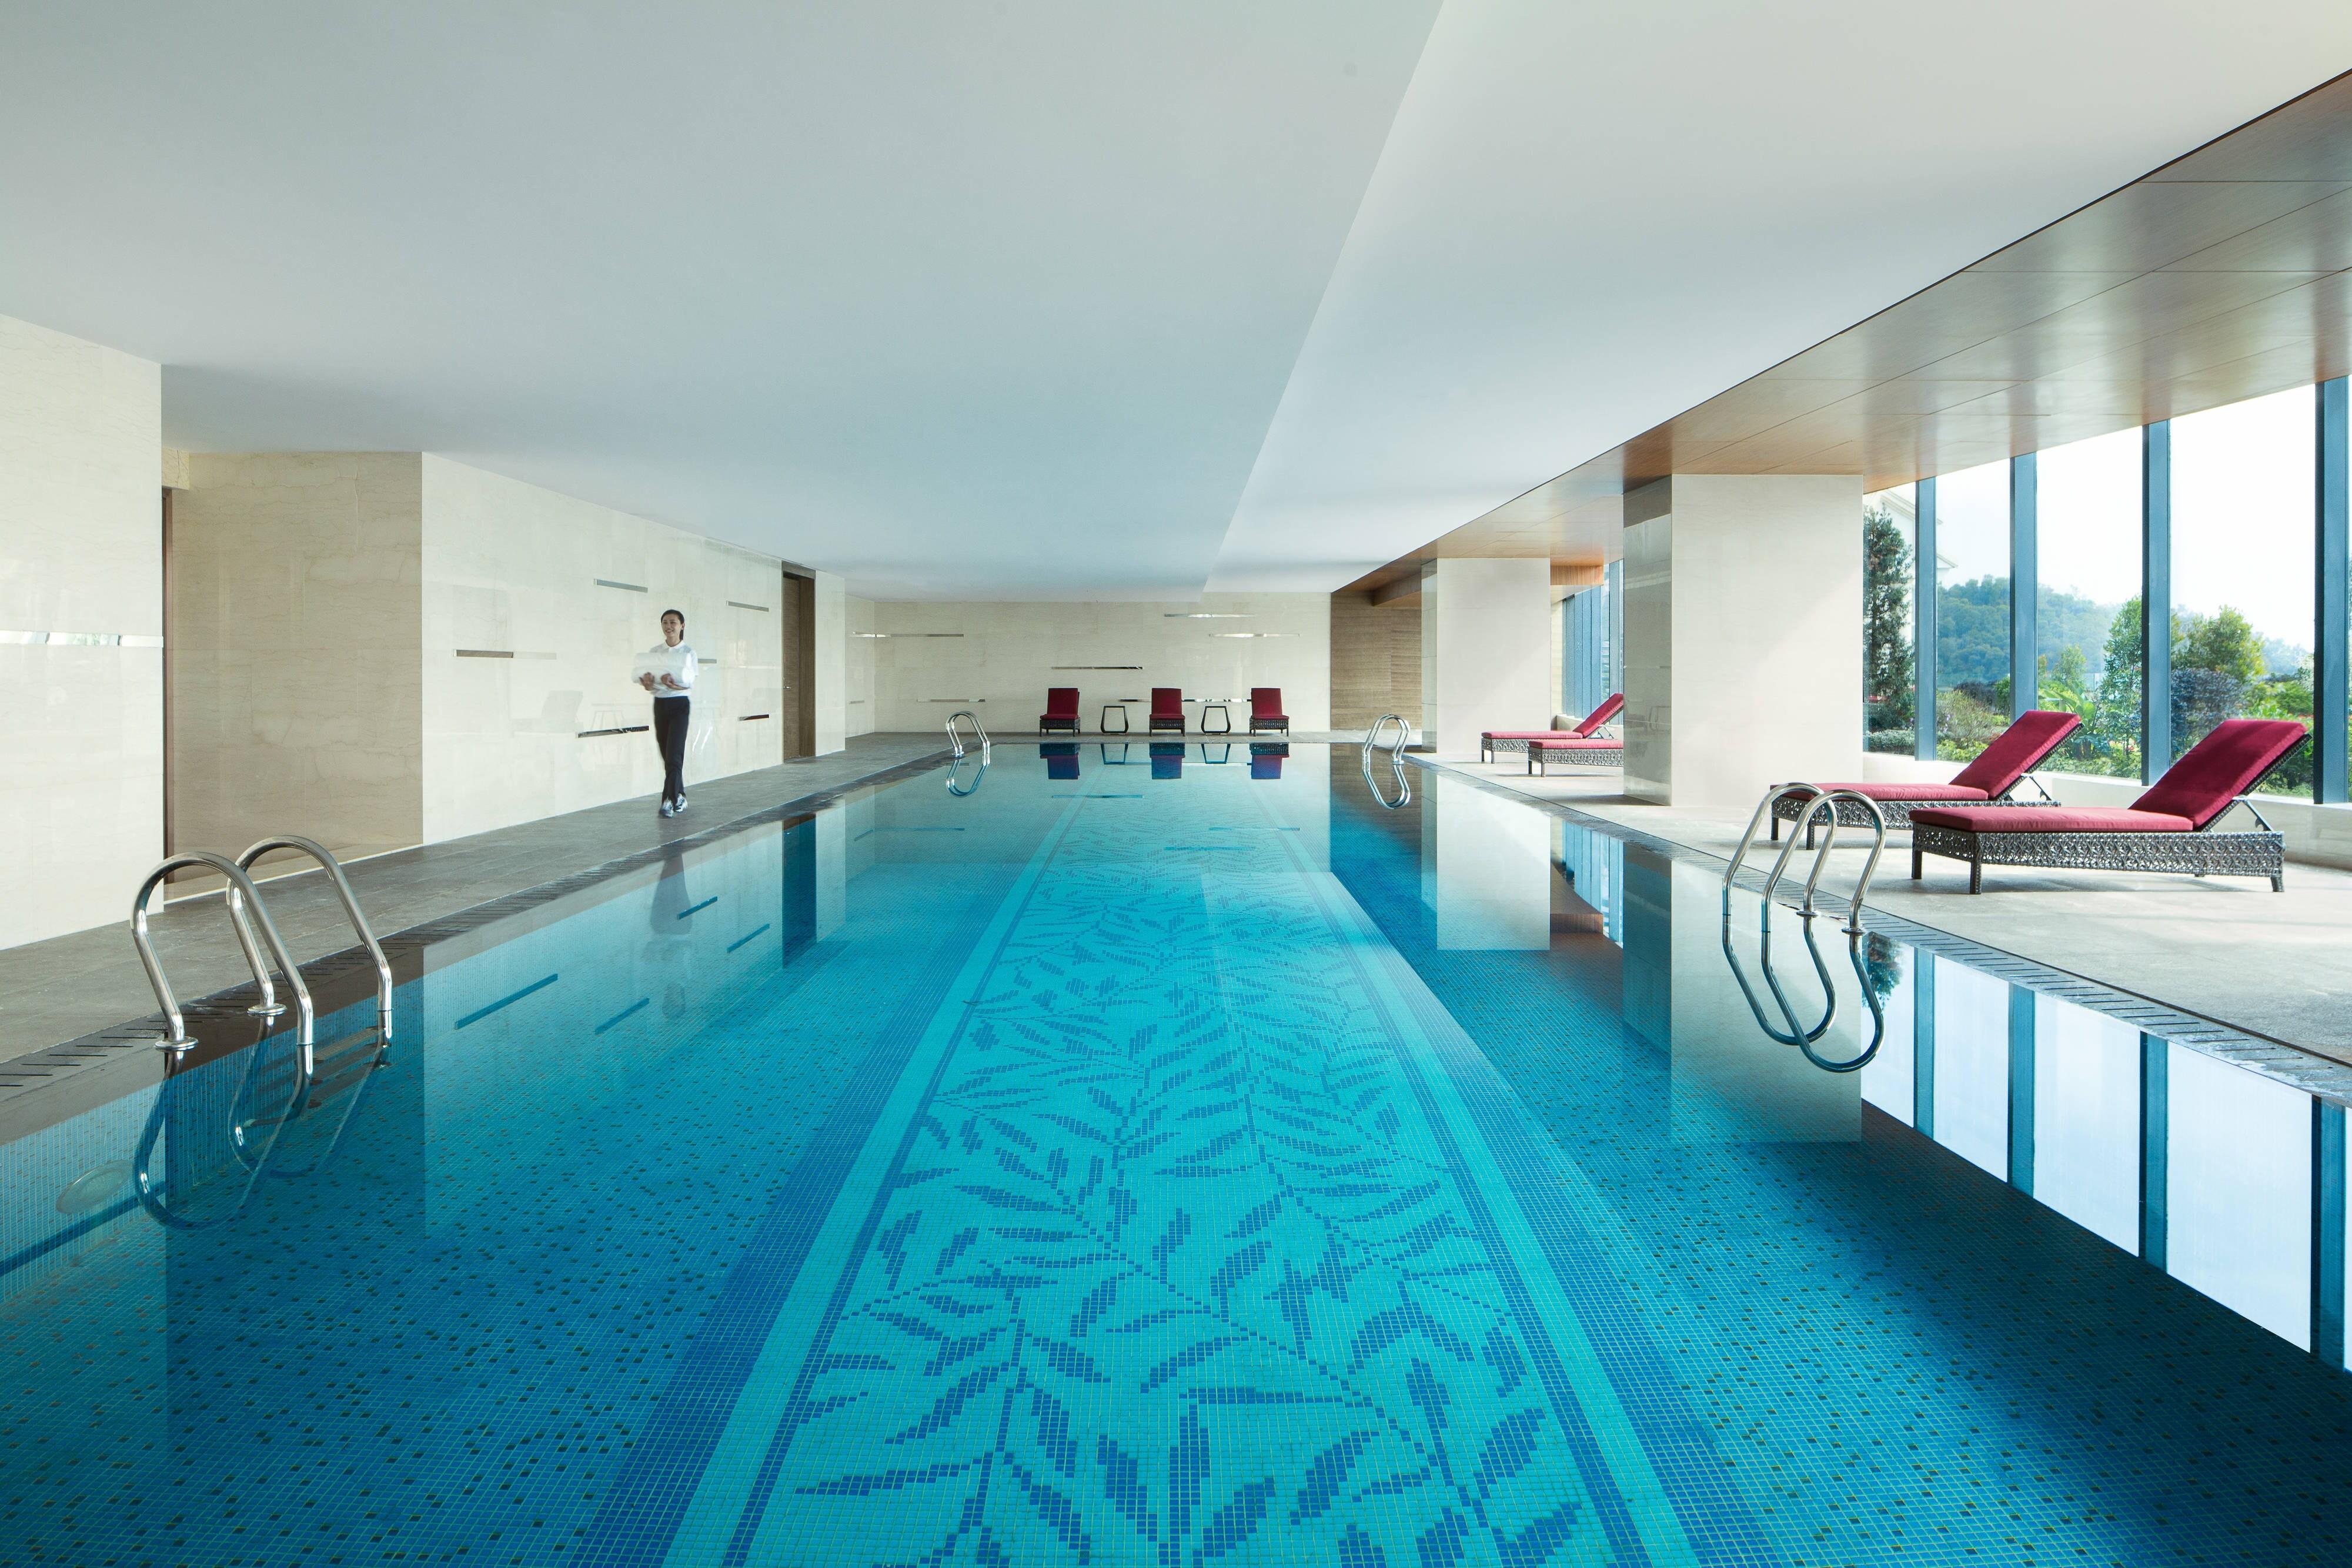 Shunde Marriott Hotel swimming pool